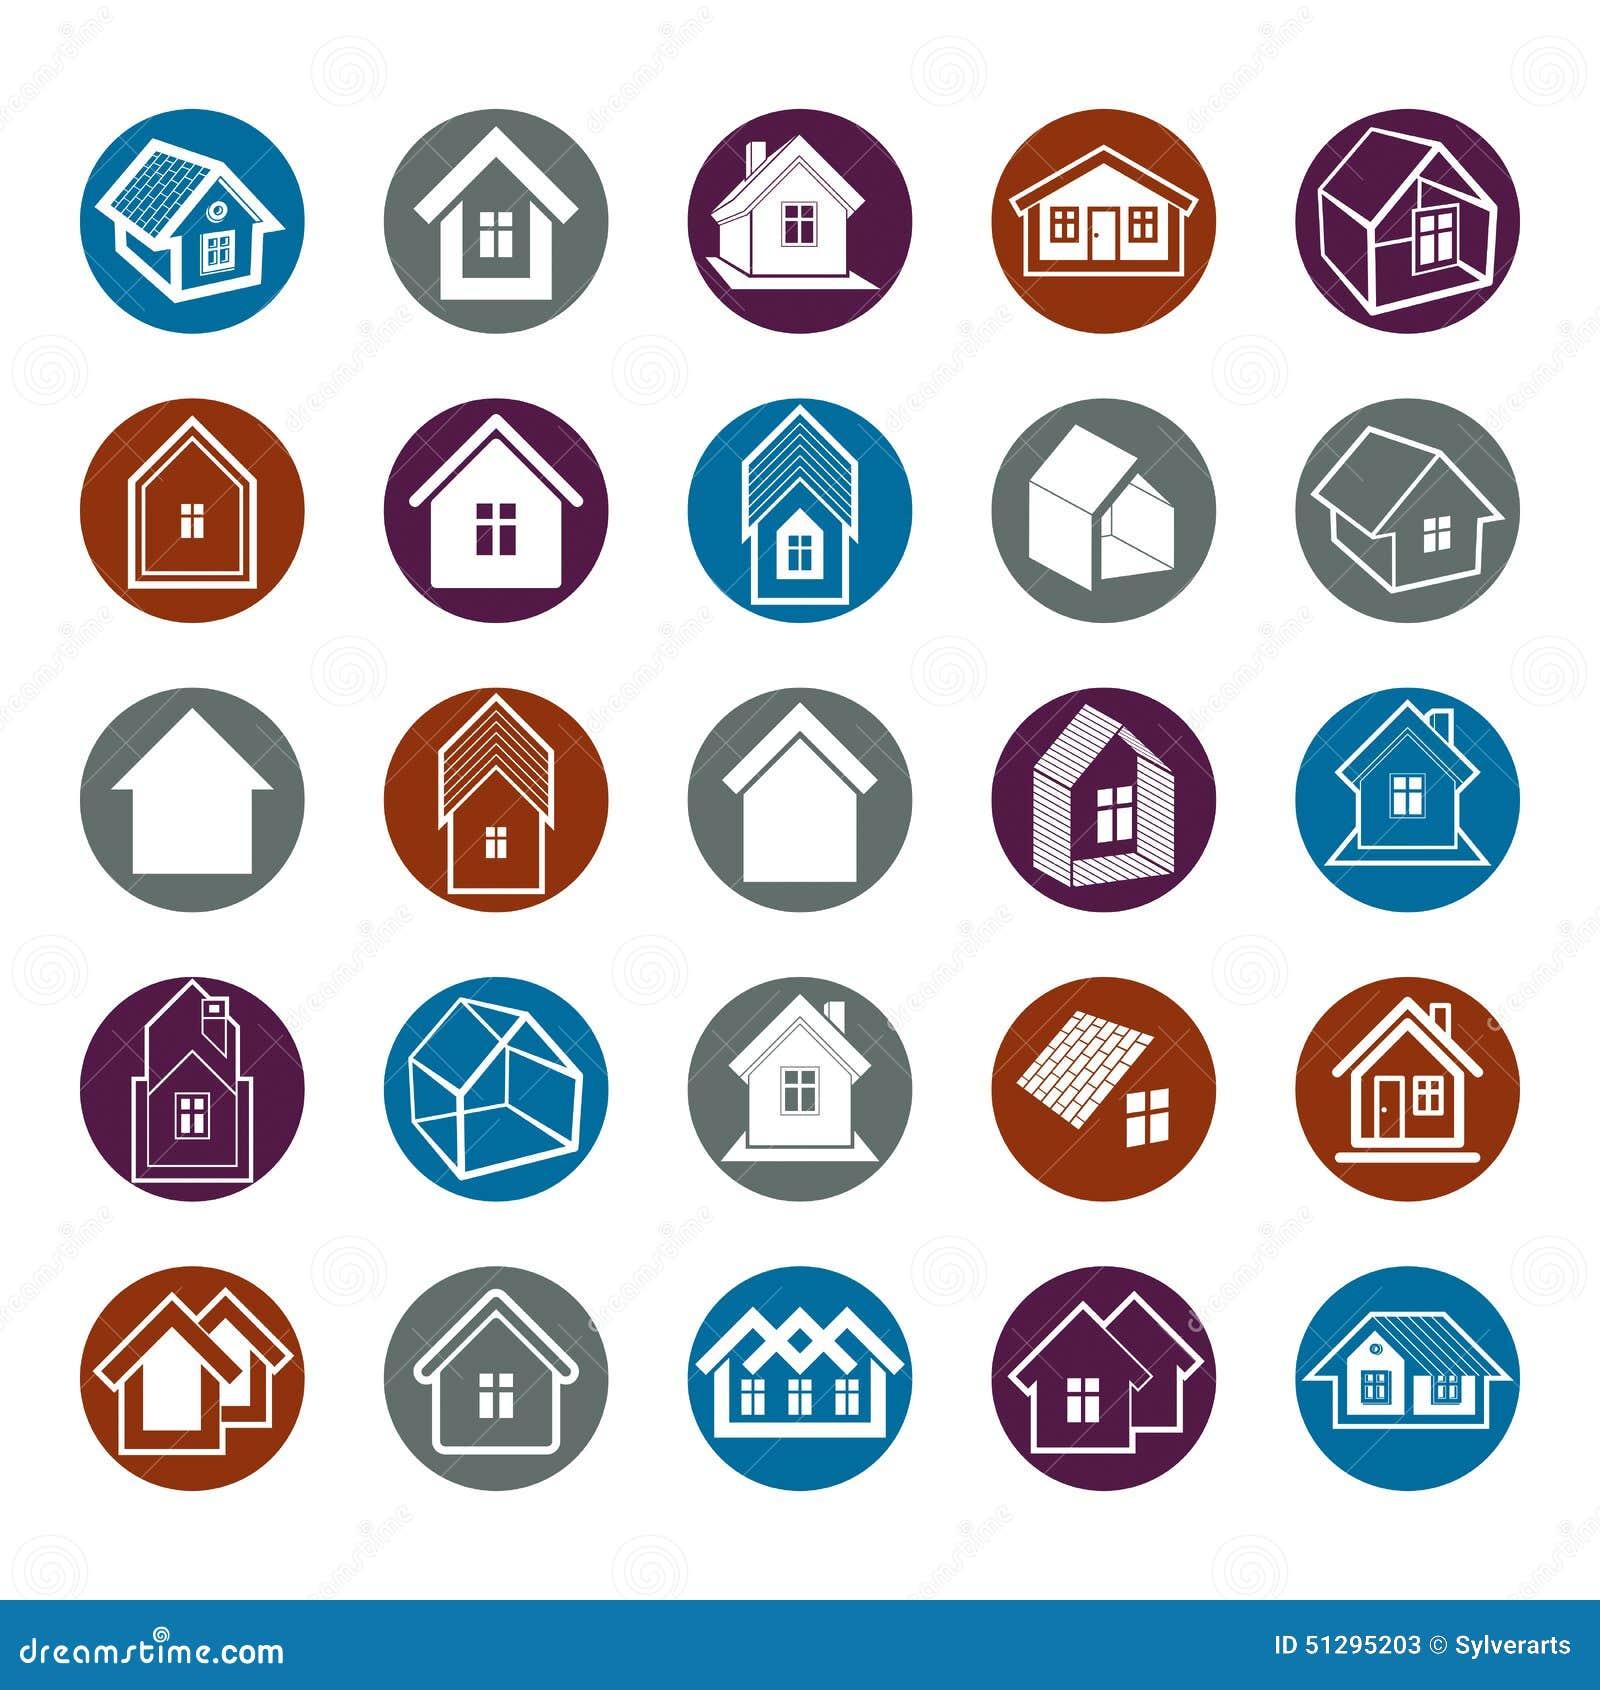 Verschillende huizenpictogrammen voor gebruik in grafisch ontwerp, reeks van herenhuis